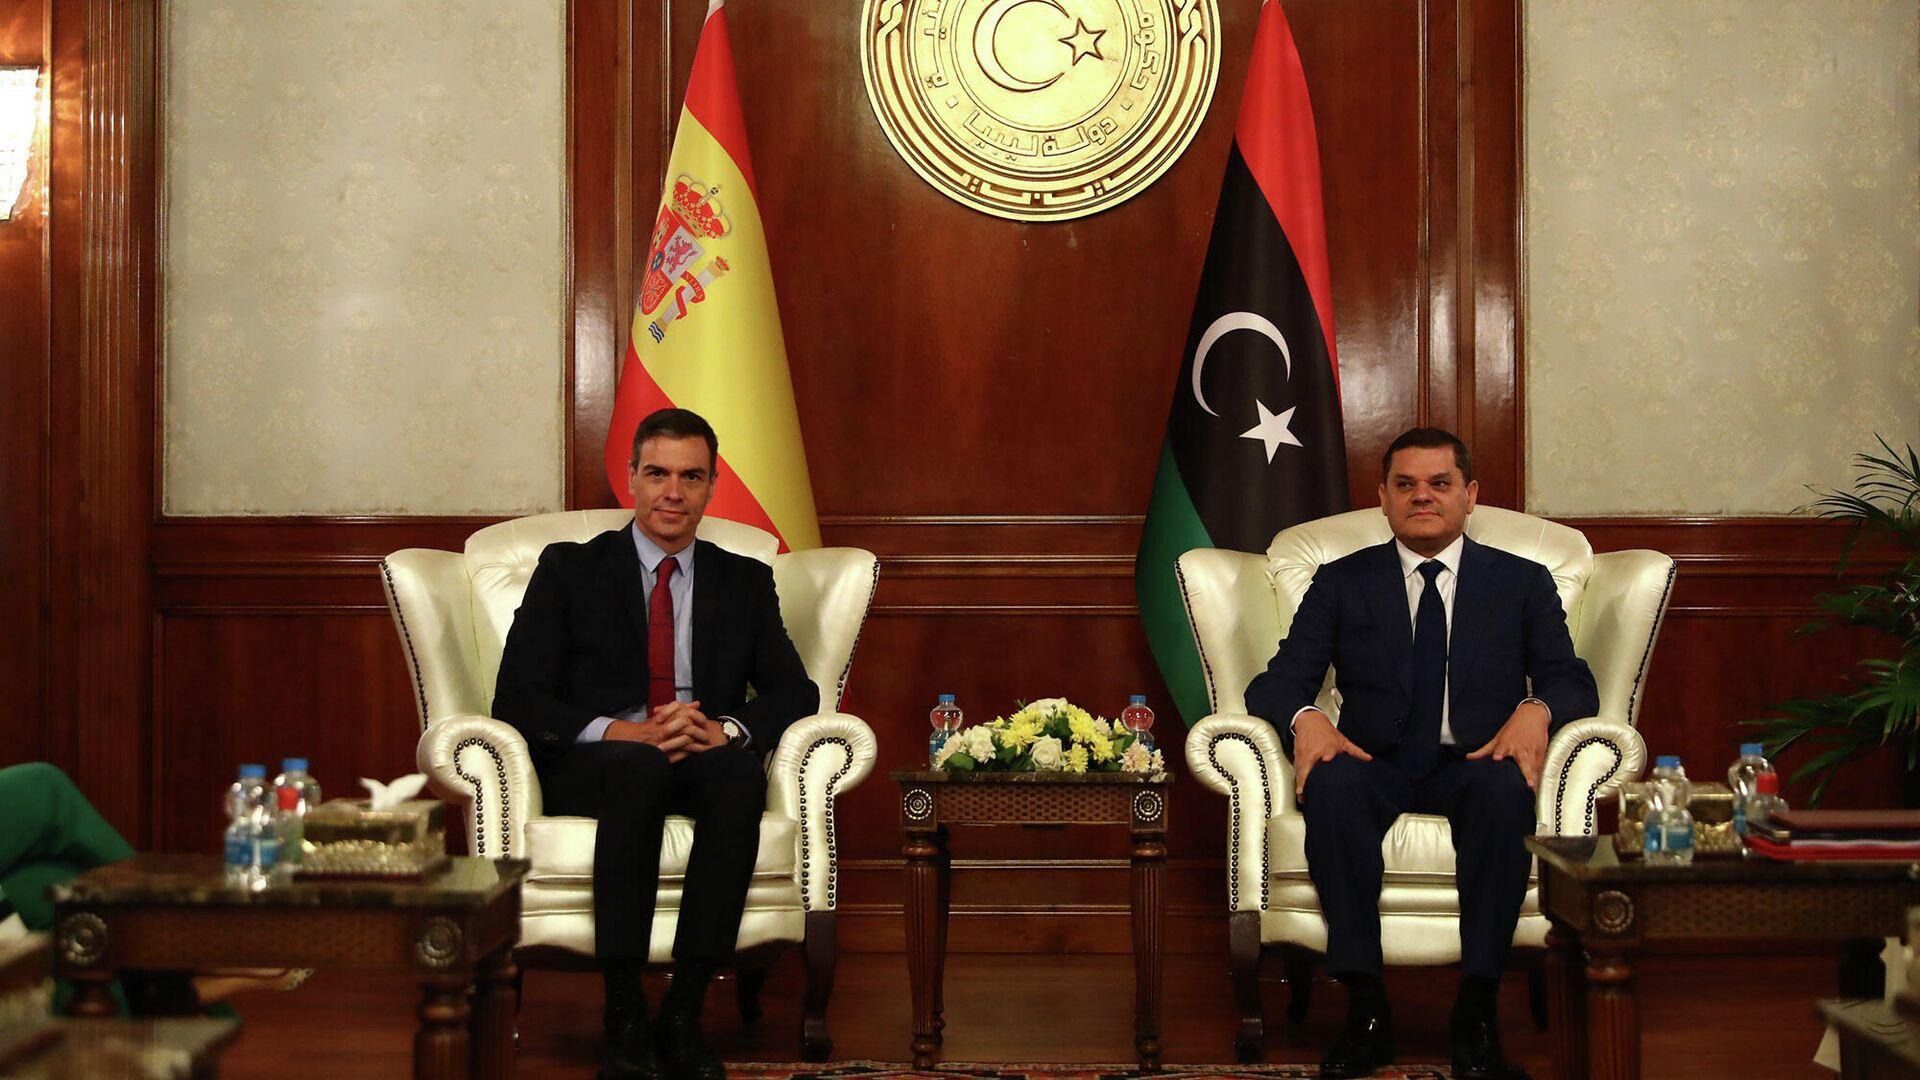 El presidente del Gobierno, Pedro Sánchez, durante la reunión que ha mantenido con el primer ministro de Libia, Abdulhamid Dbeibah - Sputnik Mundo, 1920, 03.06.2021